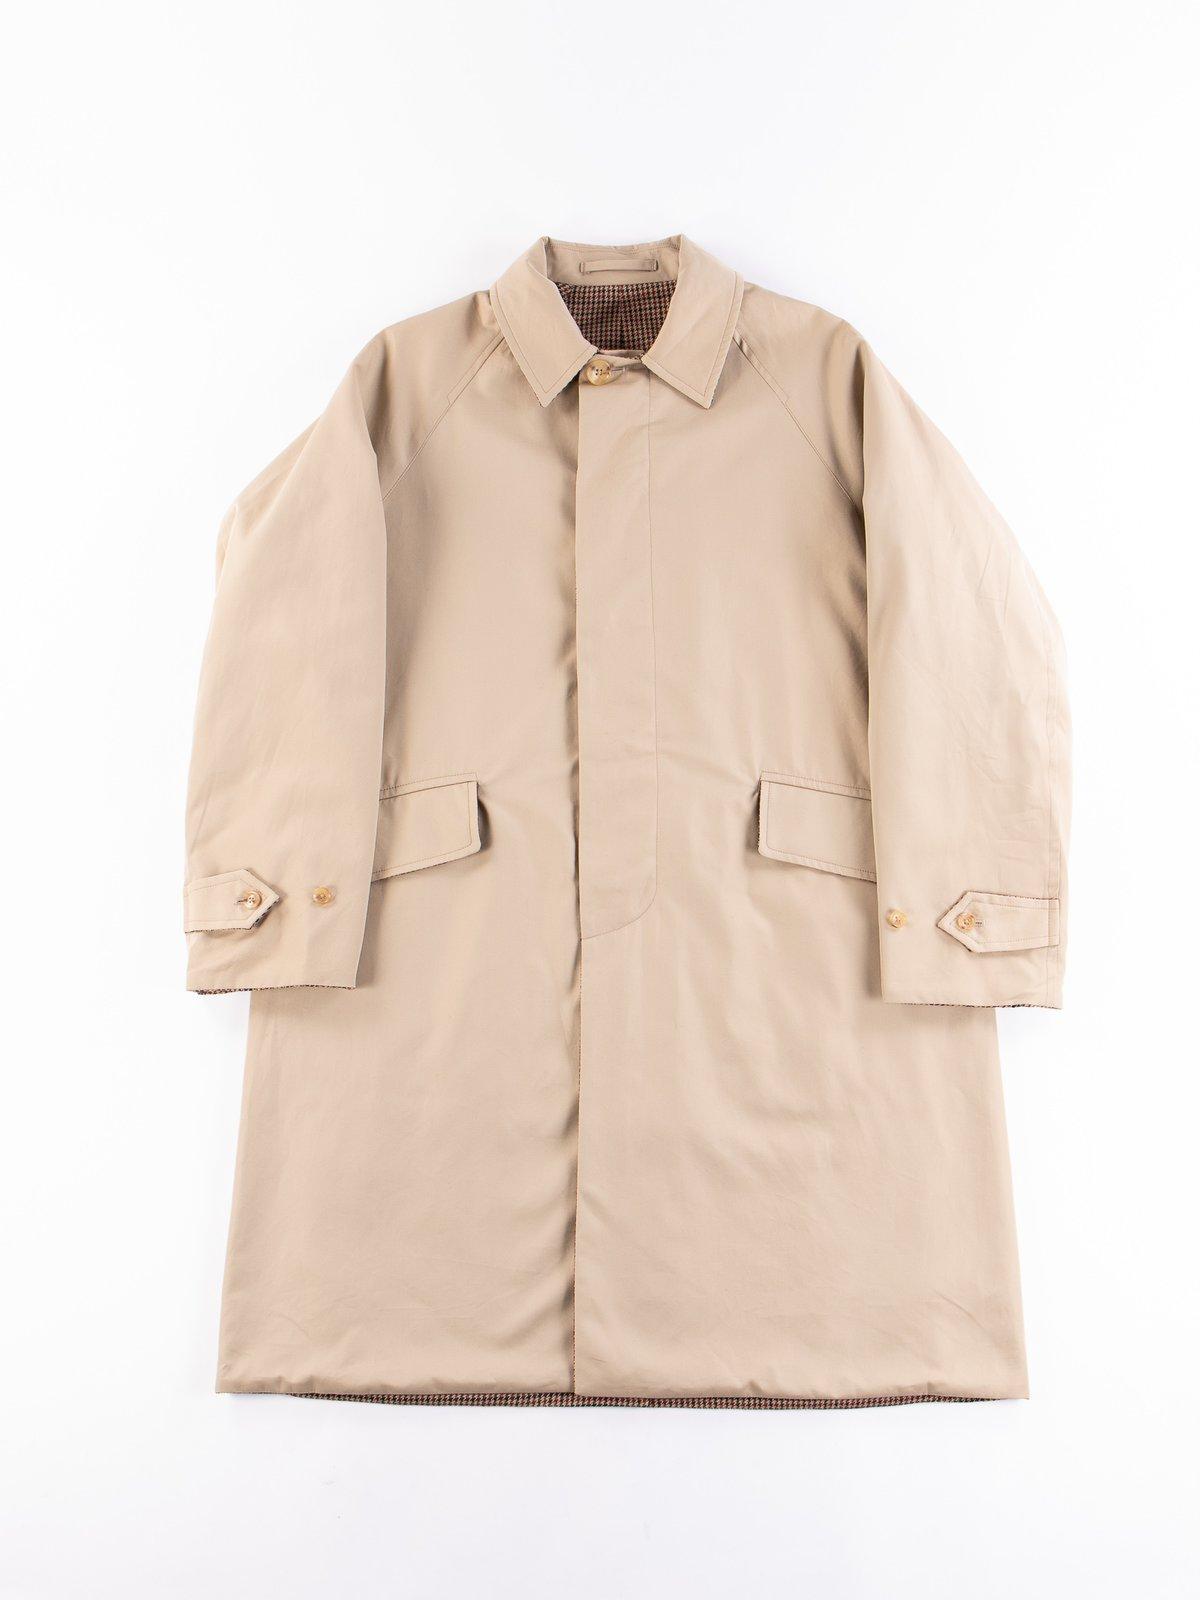 Light Khaki/Gunclub Reversible Balmacaan Coat - Image 1